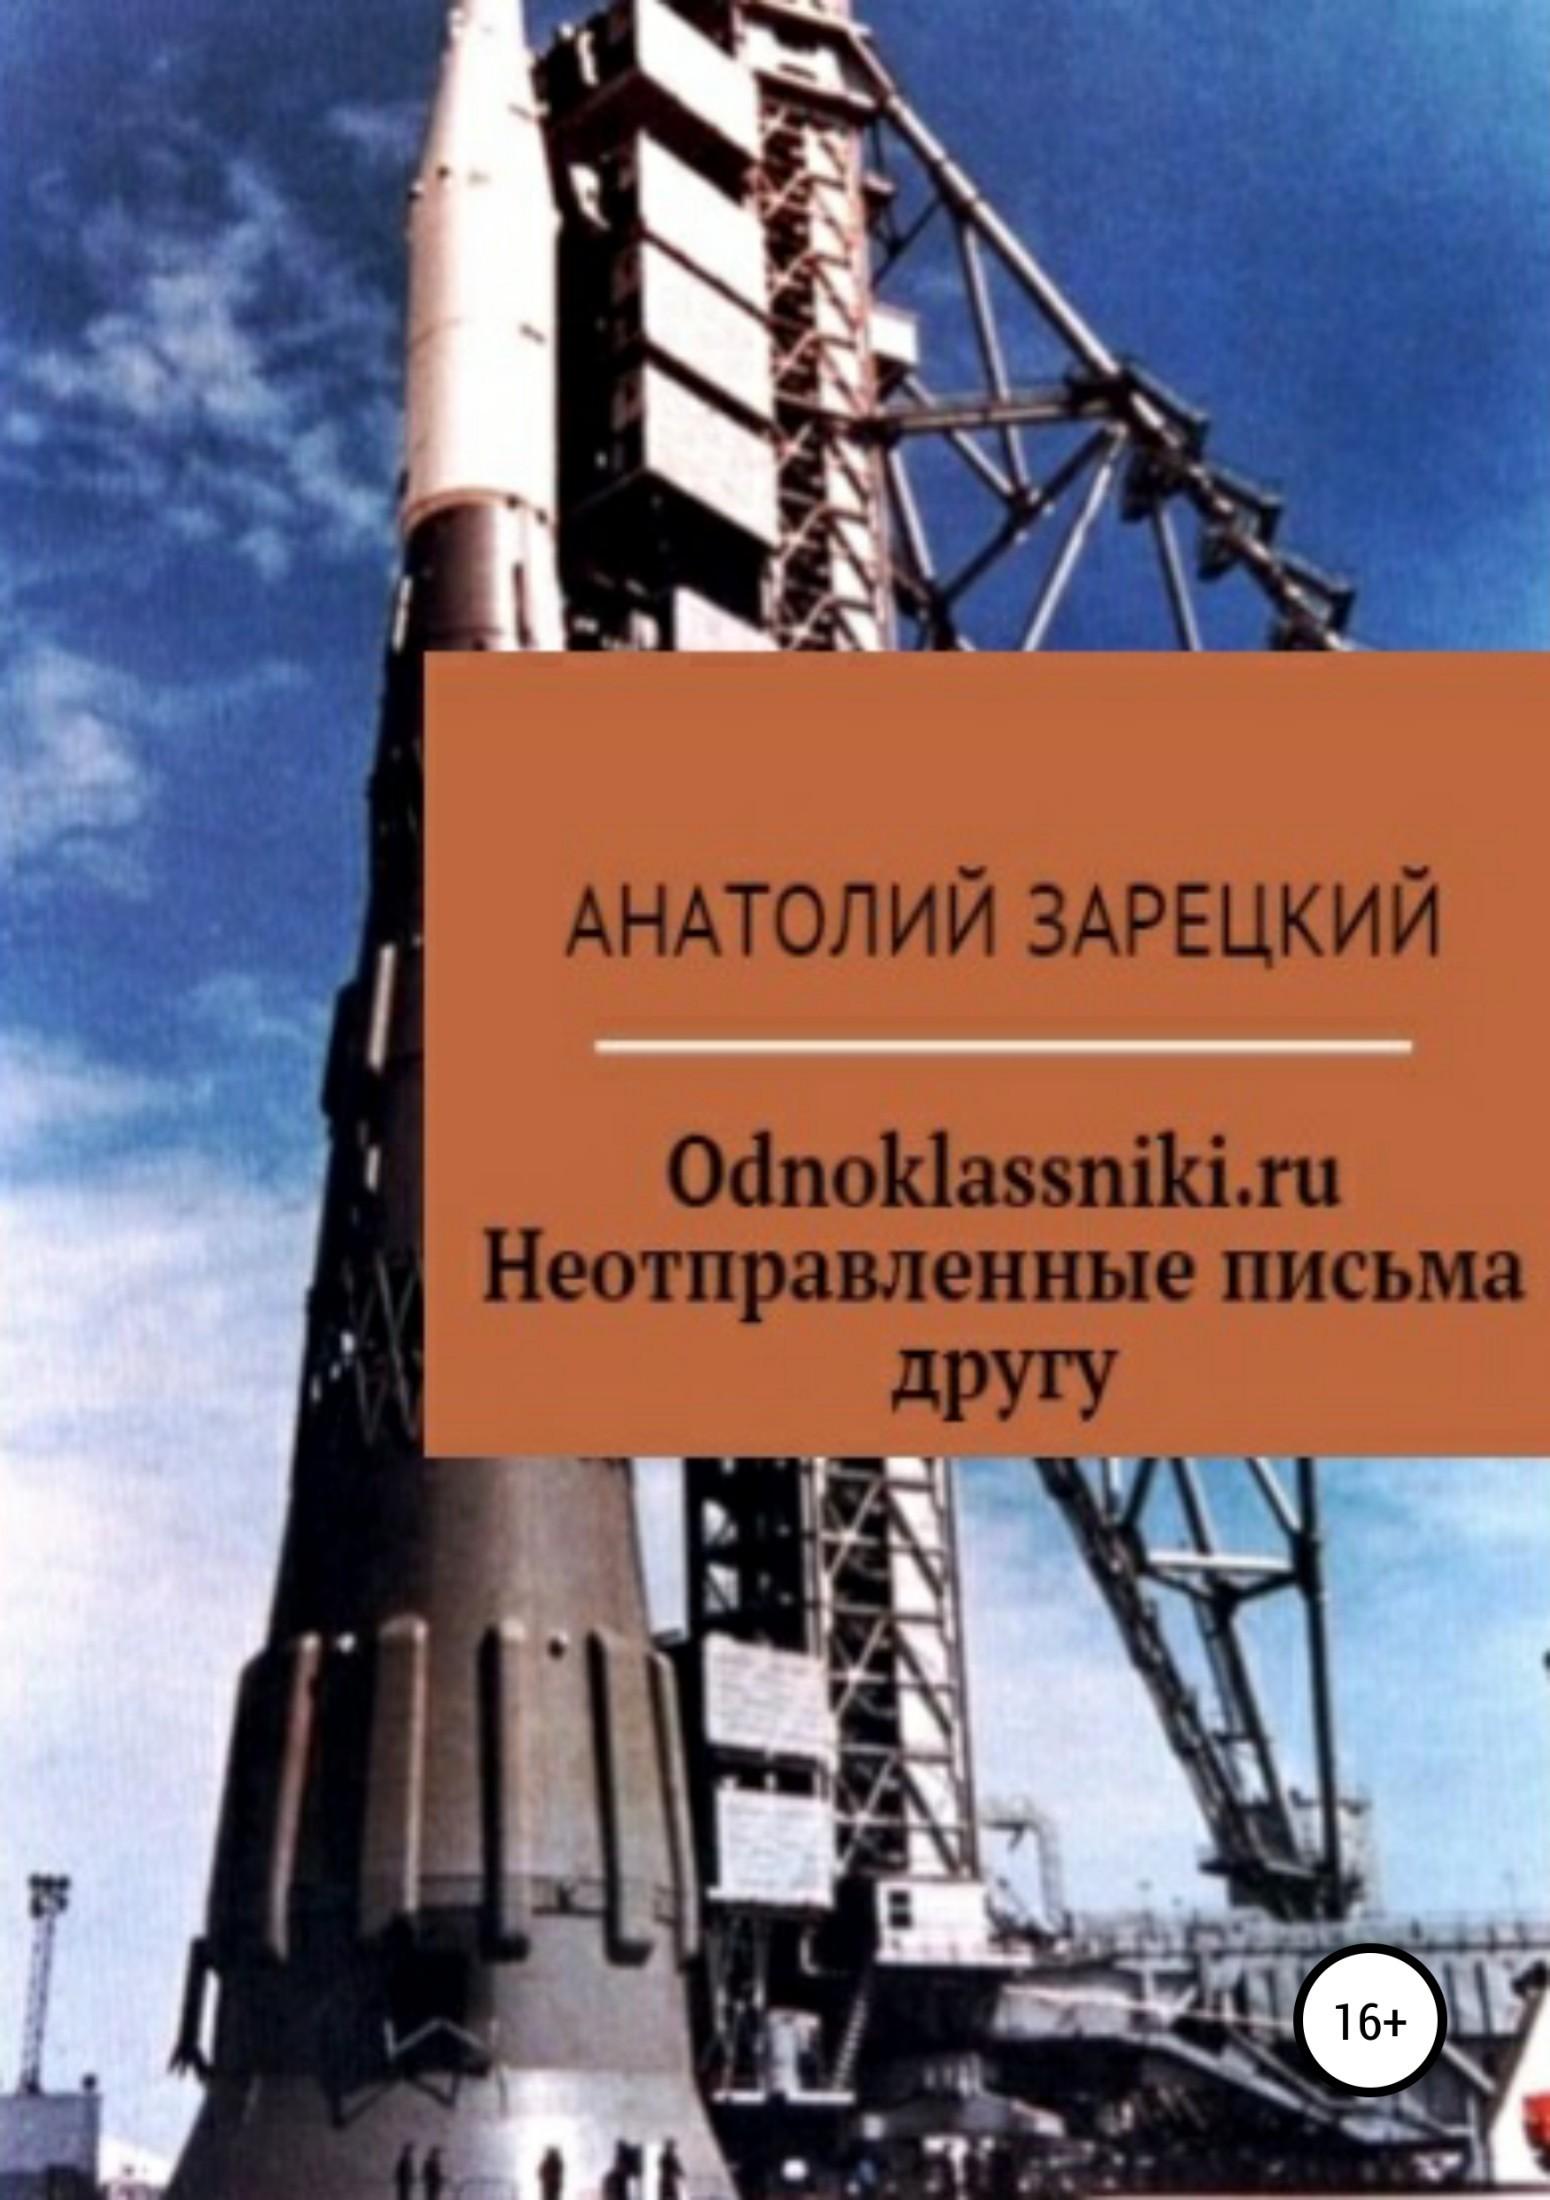 Odnoklassniki.ru.